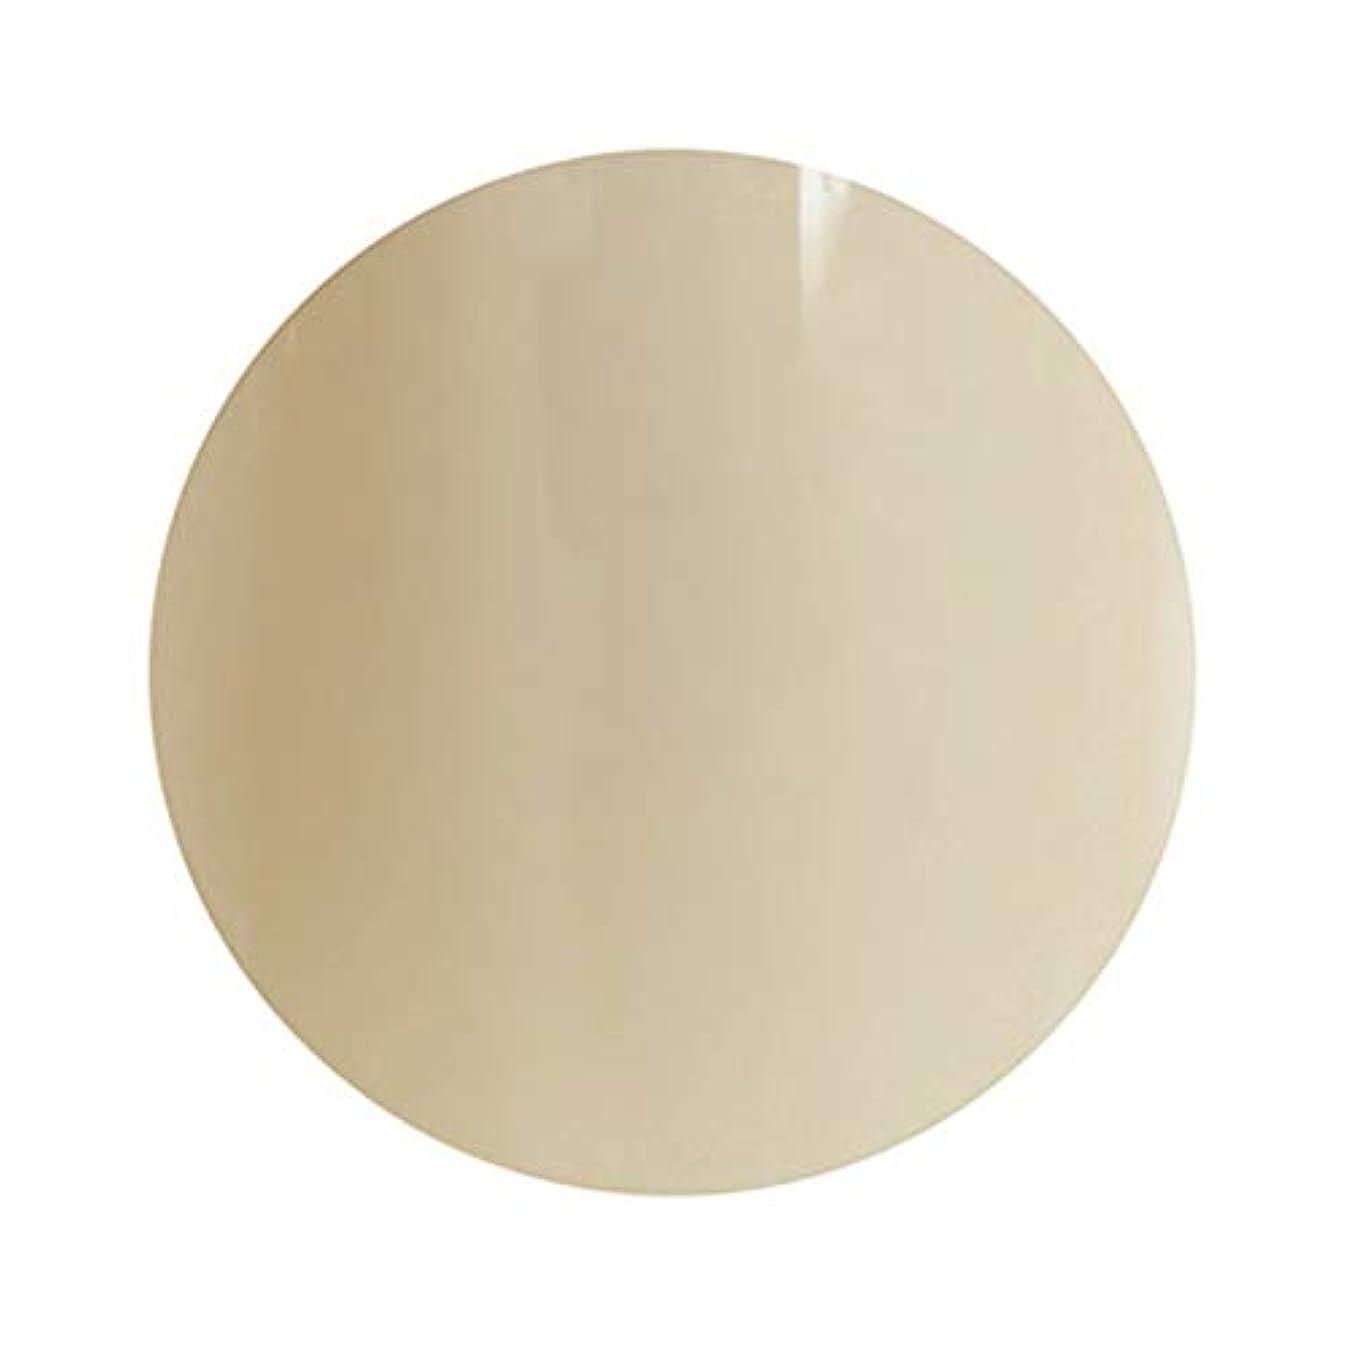 バウンド注文バンジージャンプpara gel パラジェル カラージェル S035 ピスタチオミスト 4g (Coccoプロデュース)